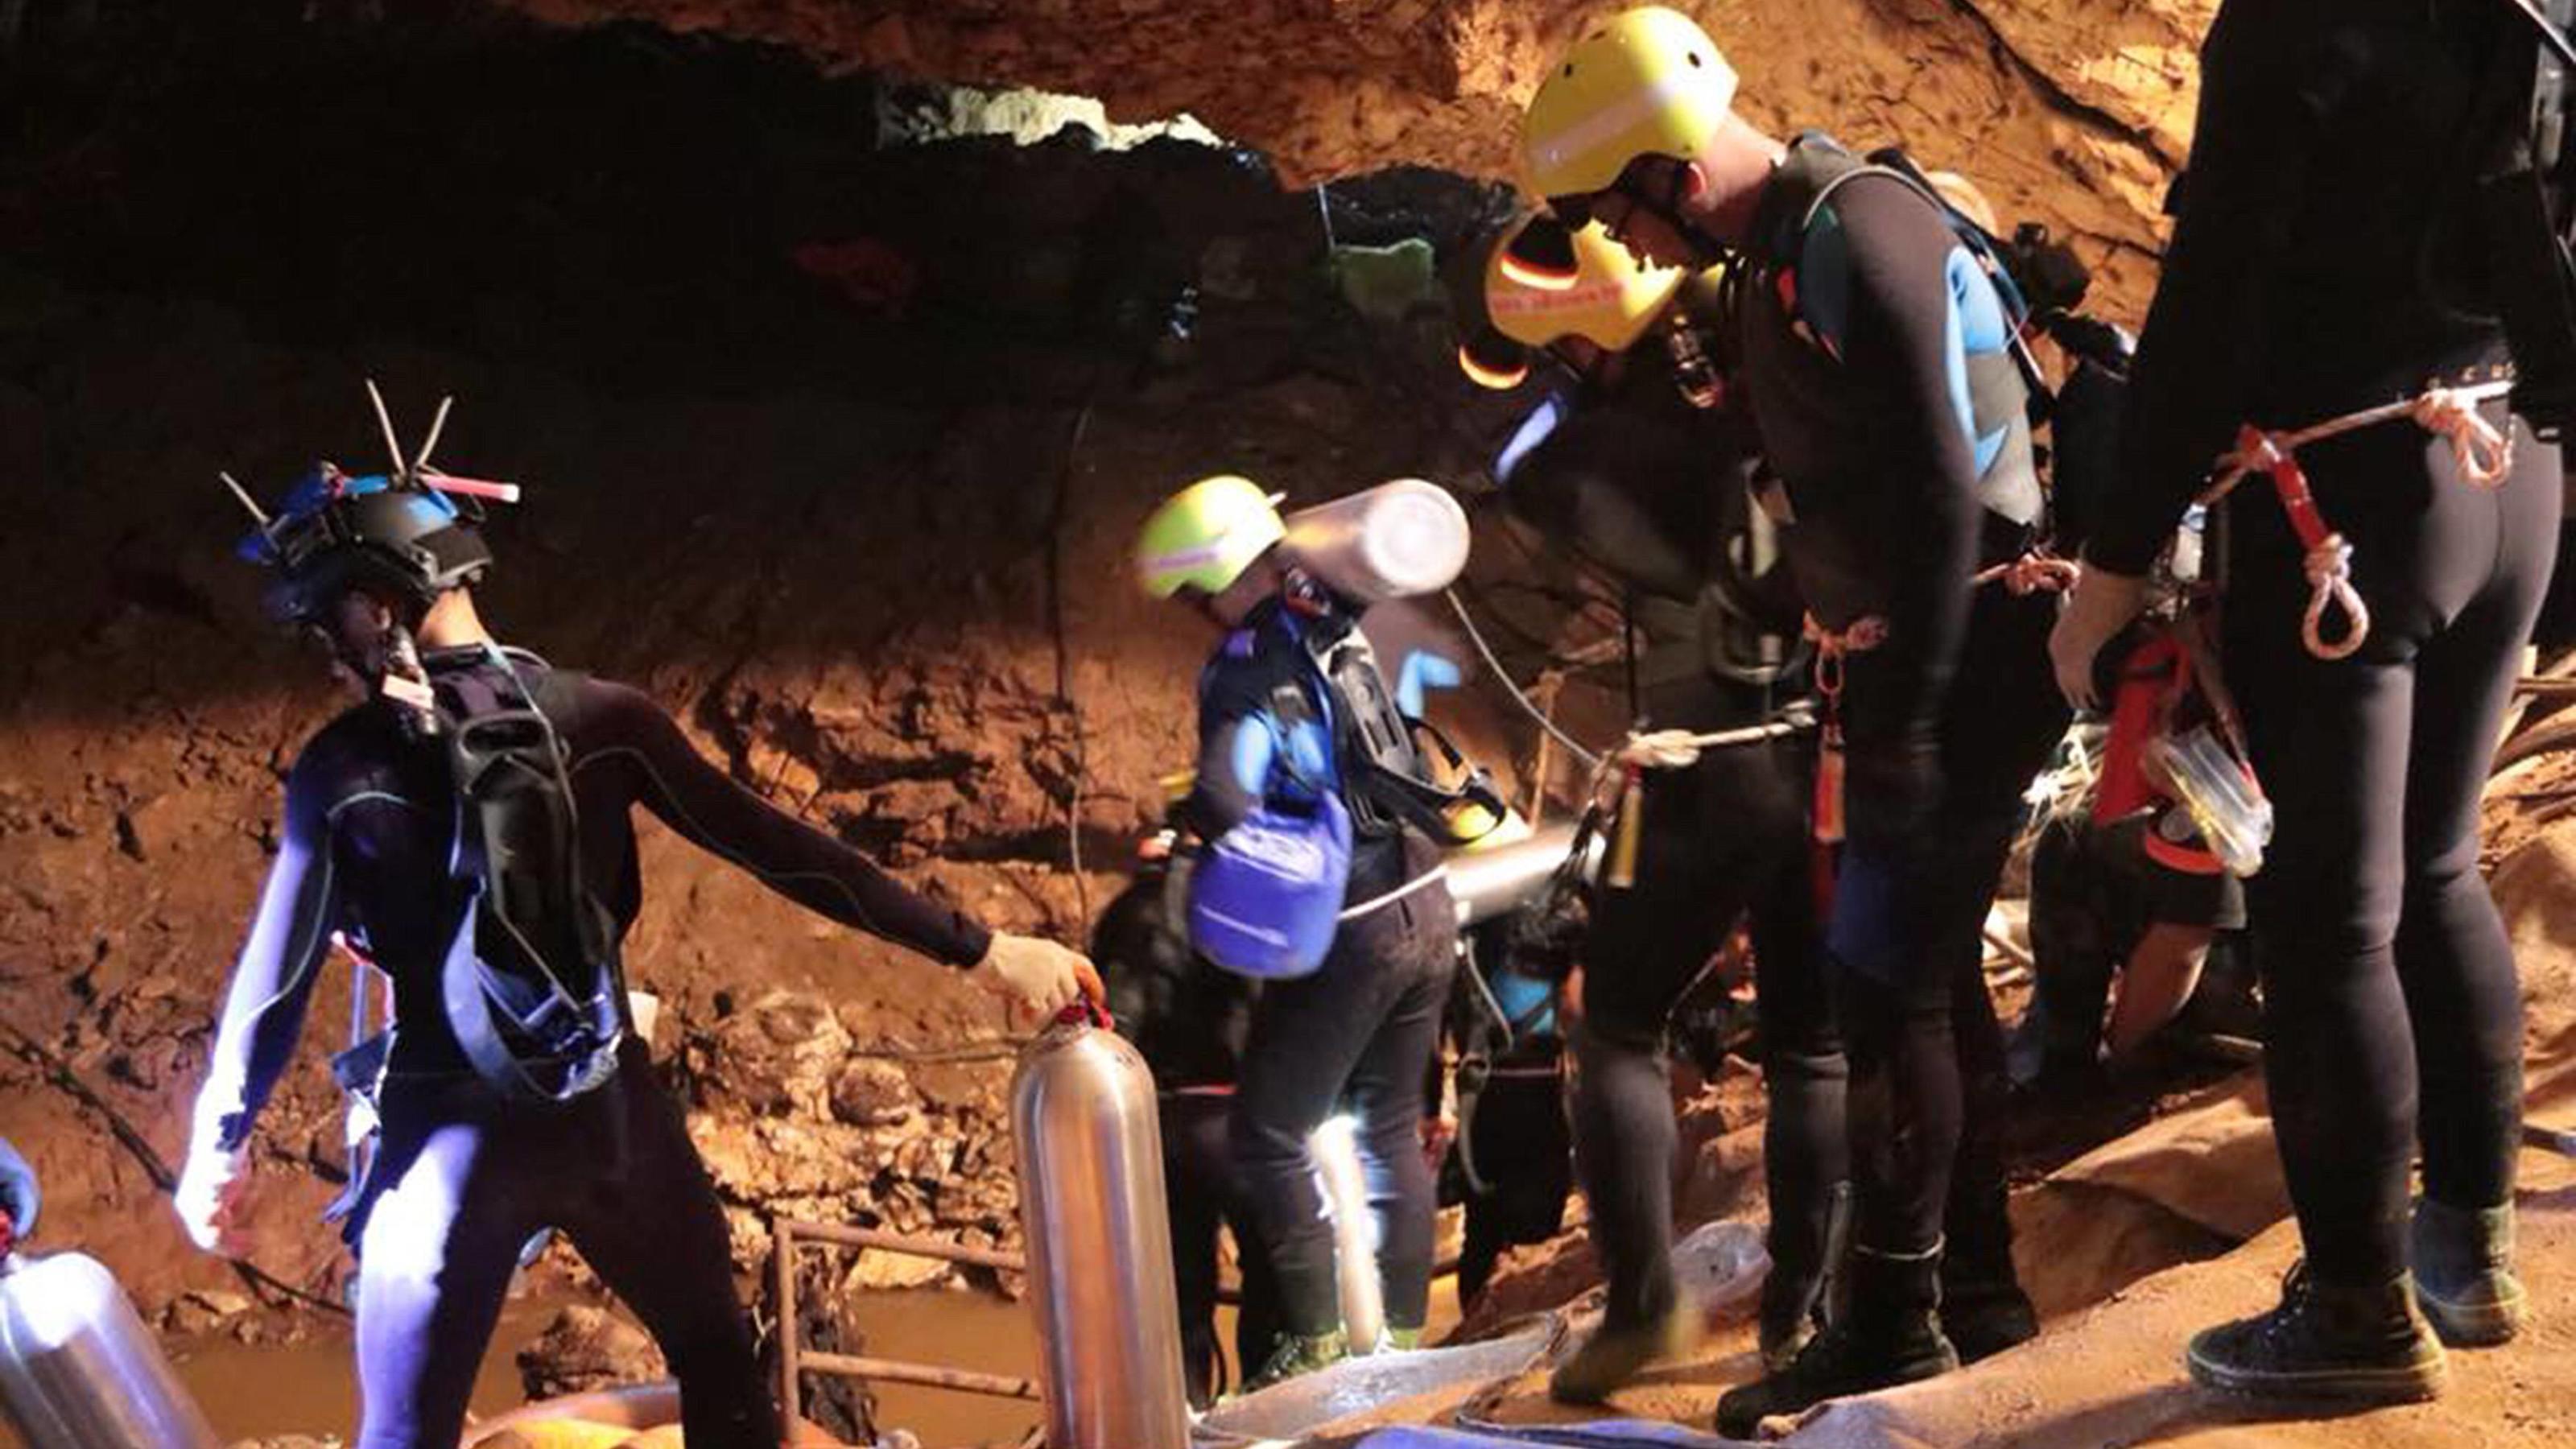 Höhlen-Drama in Thailand: Werden heute endlich alle Kinder befreit?